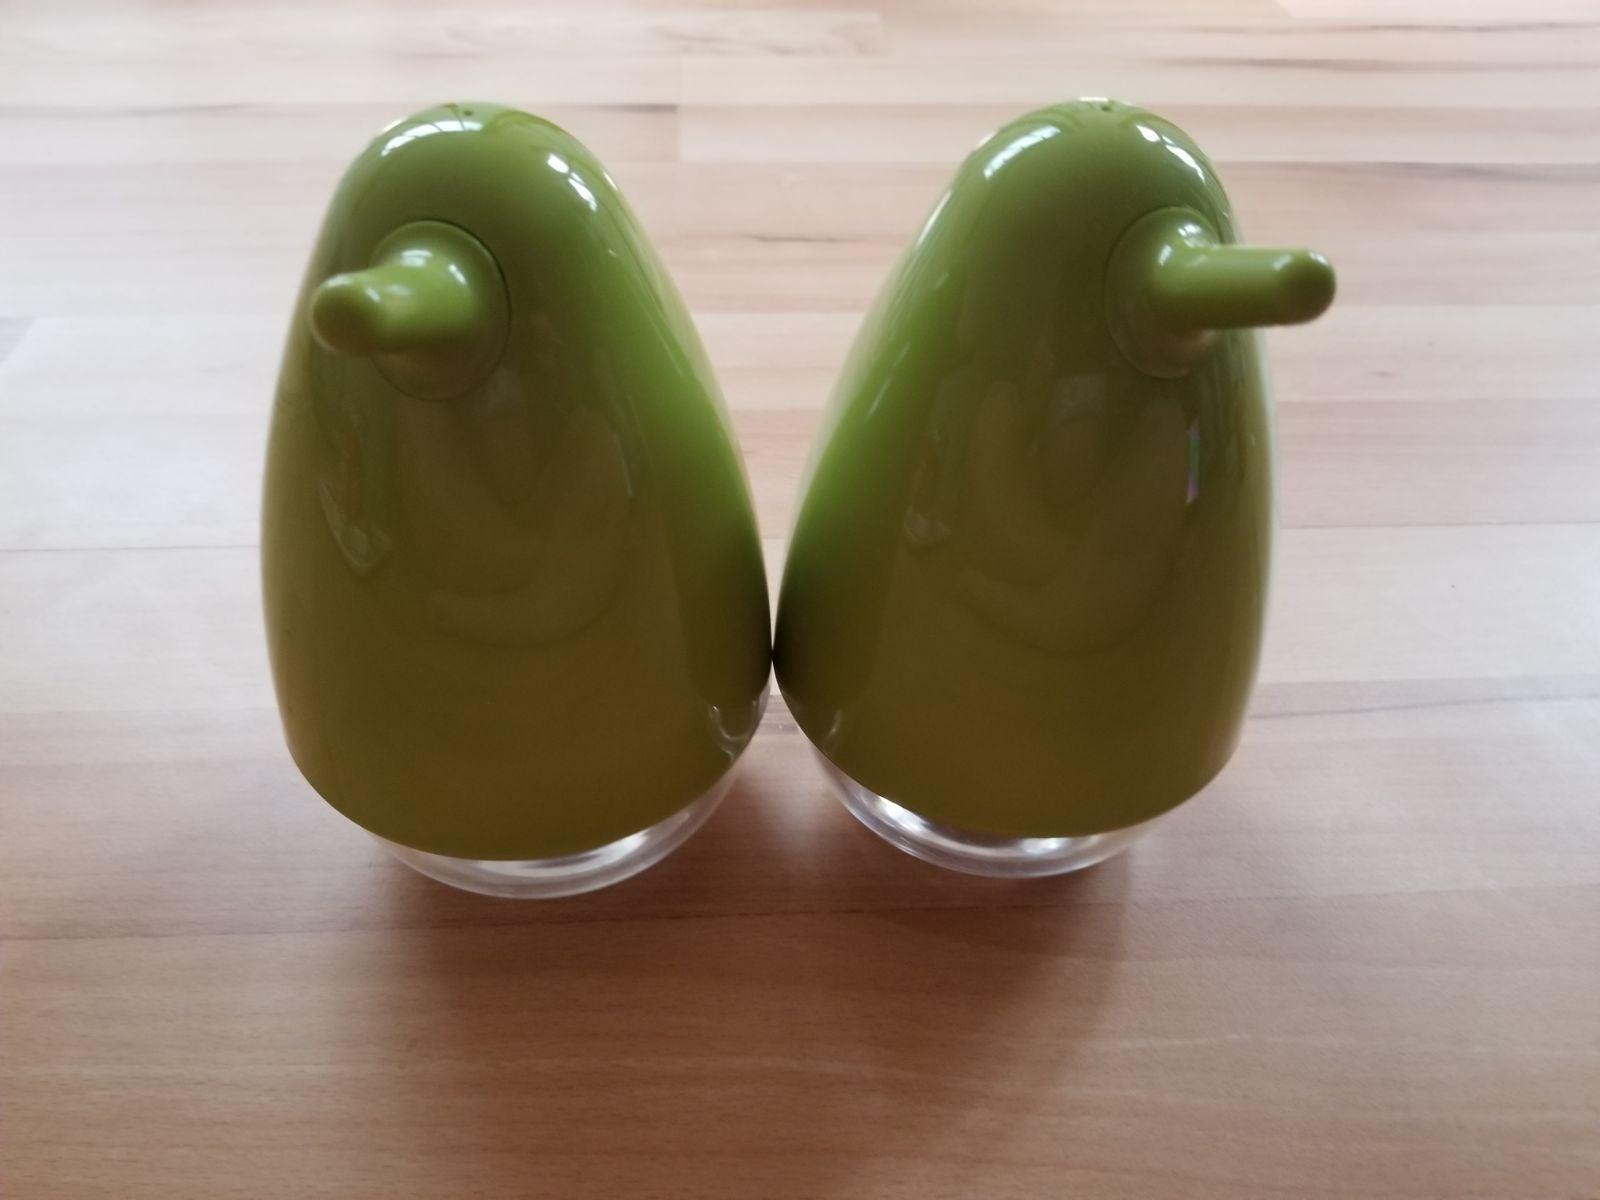 Umbra Green Soup Dispenser